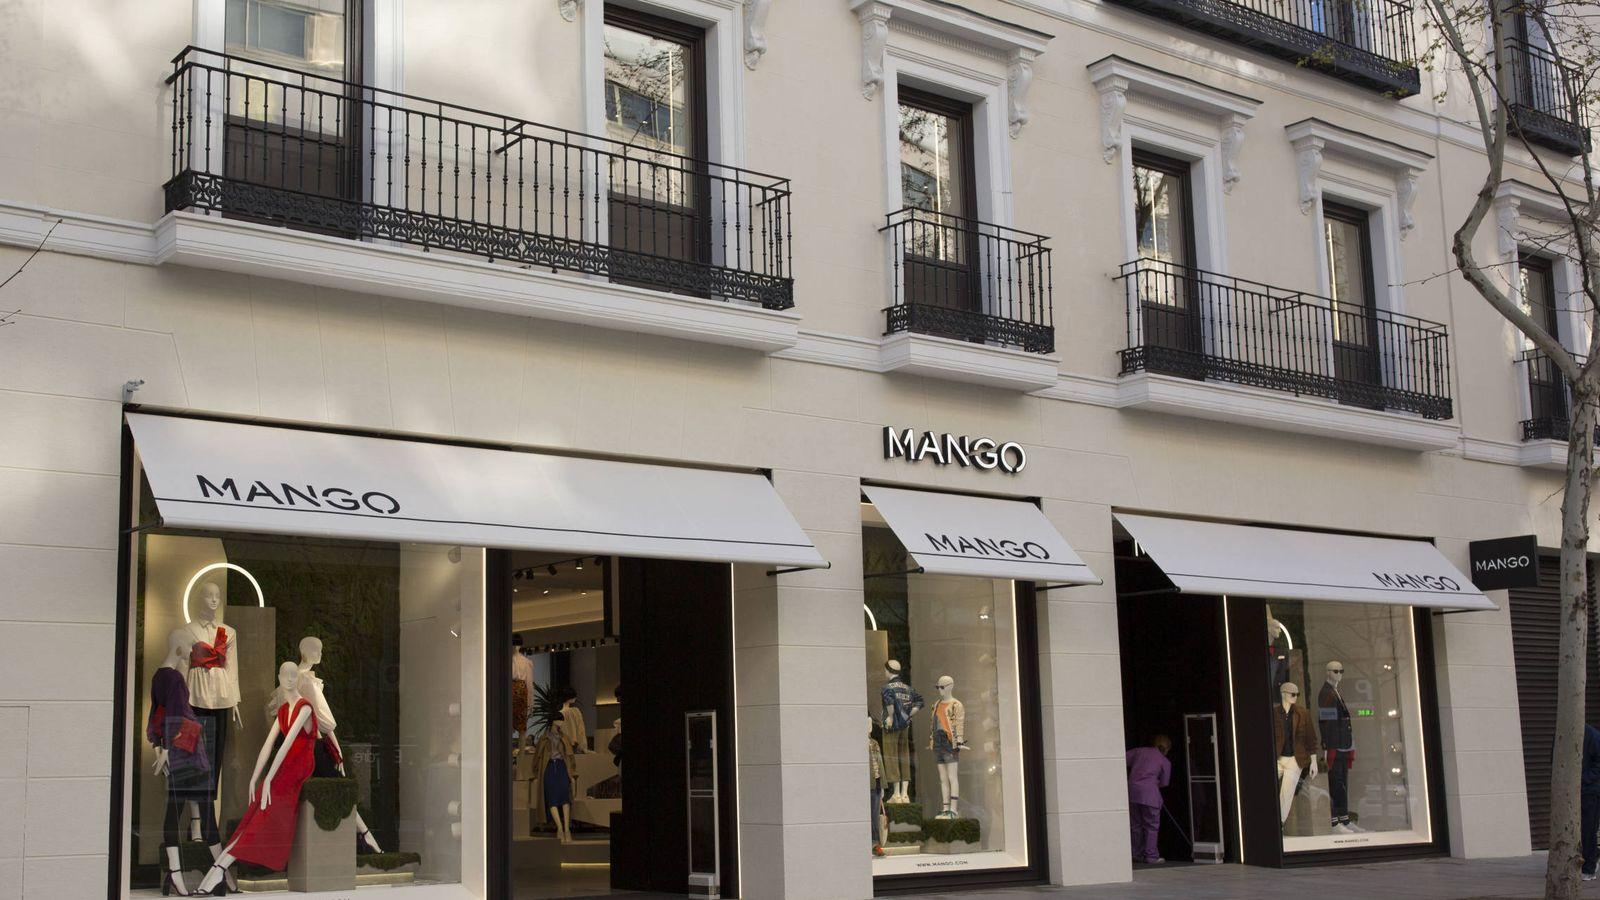 d58742187b3 Noticias de Inditex  Mango cambia de piel y sigue los pasos de Zara para  sobrevivir a internet